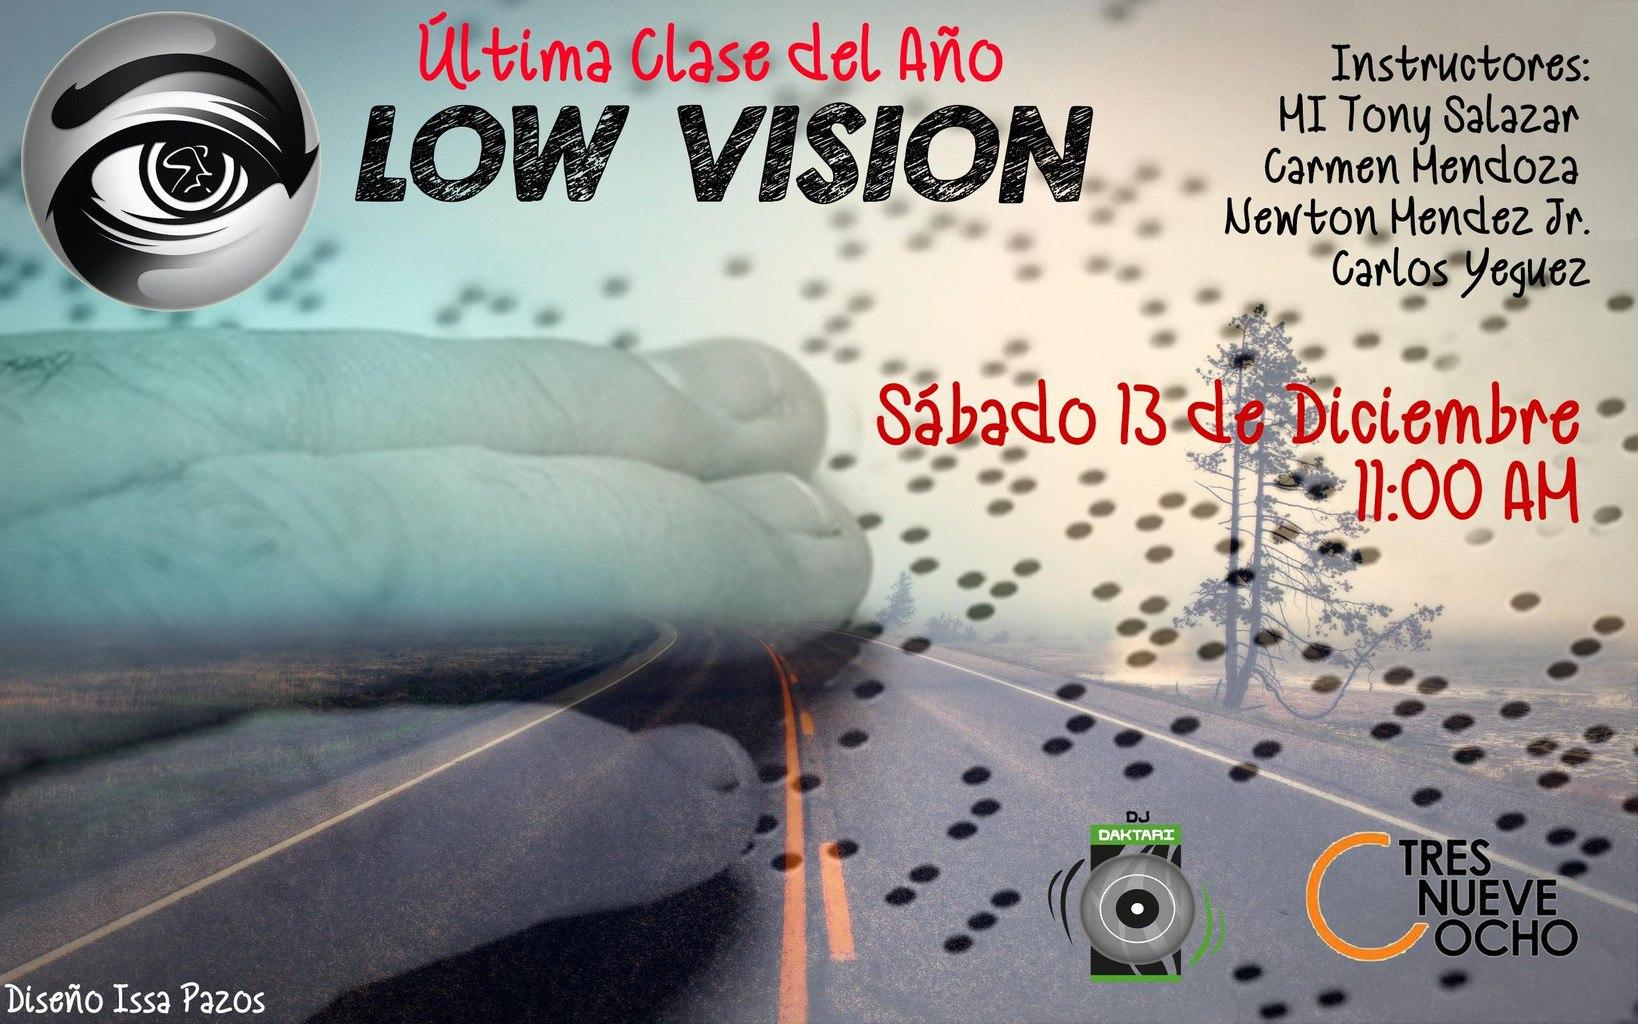 Afiche de la 18ª clase del Proyecto Low Vision